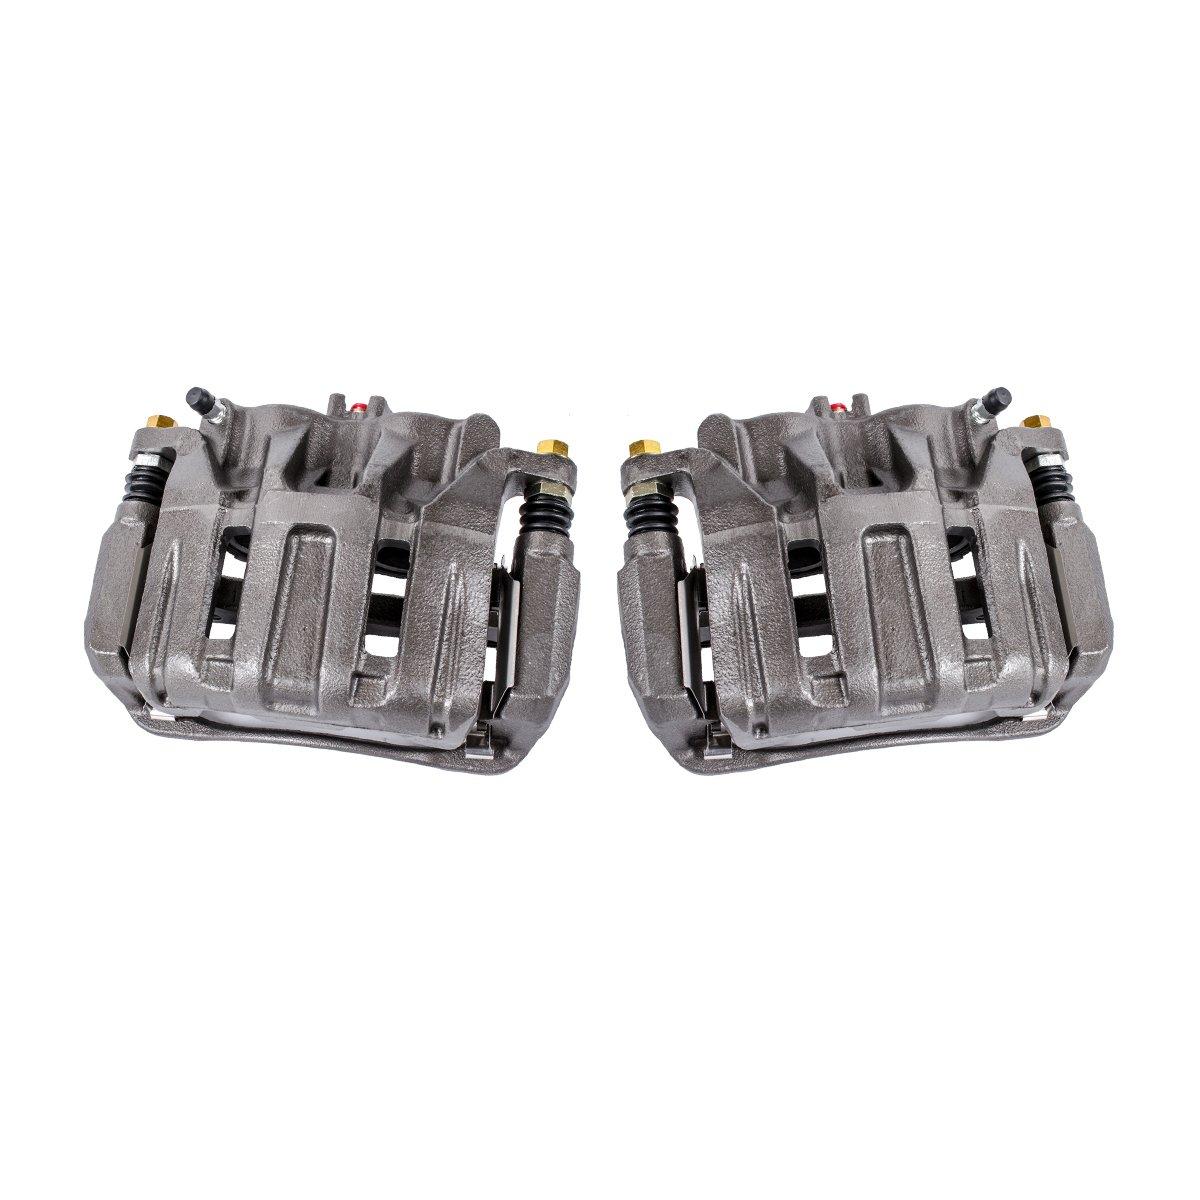 Callahan CCK04264 Hardware Brake Kit REAR Premium Semi-Loaded Original Caliper Pair 2